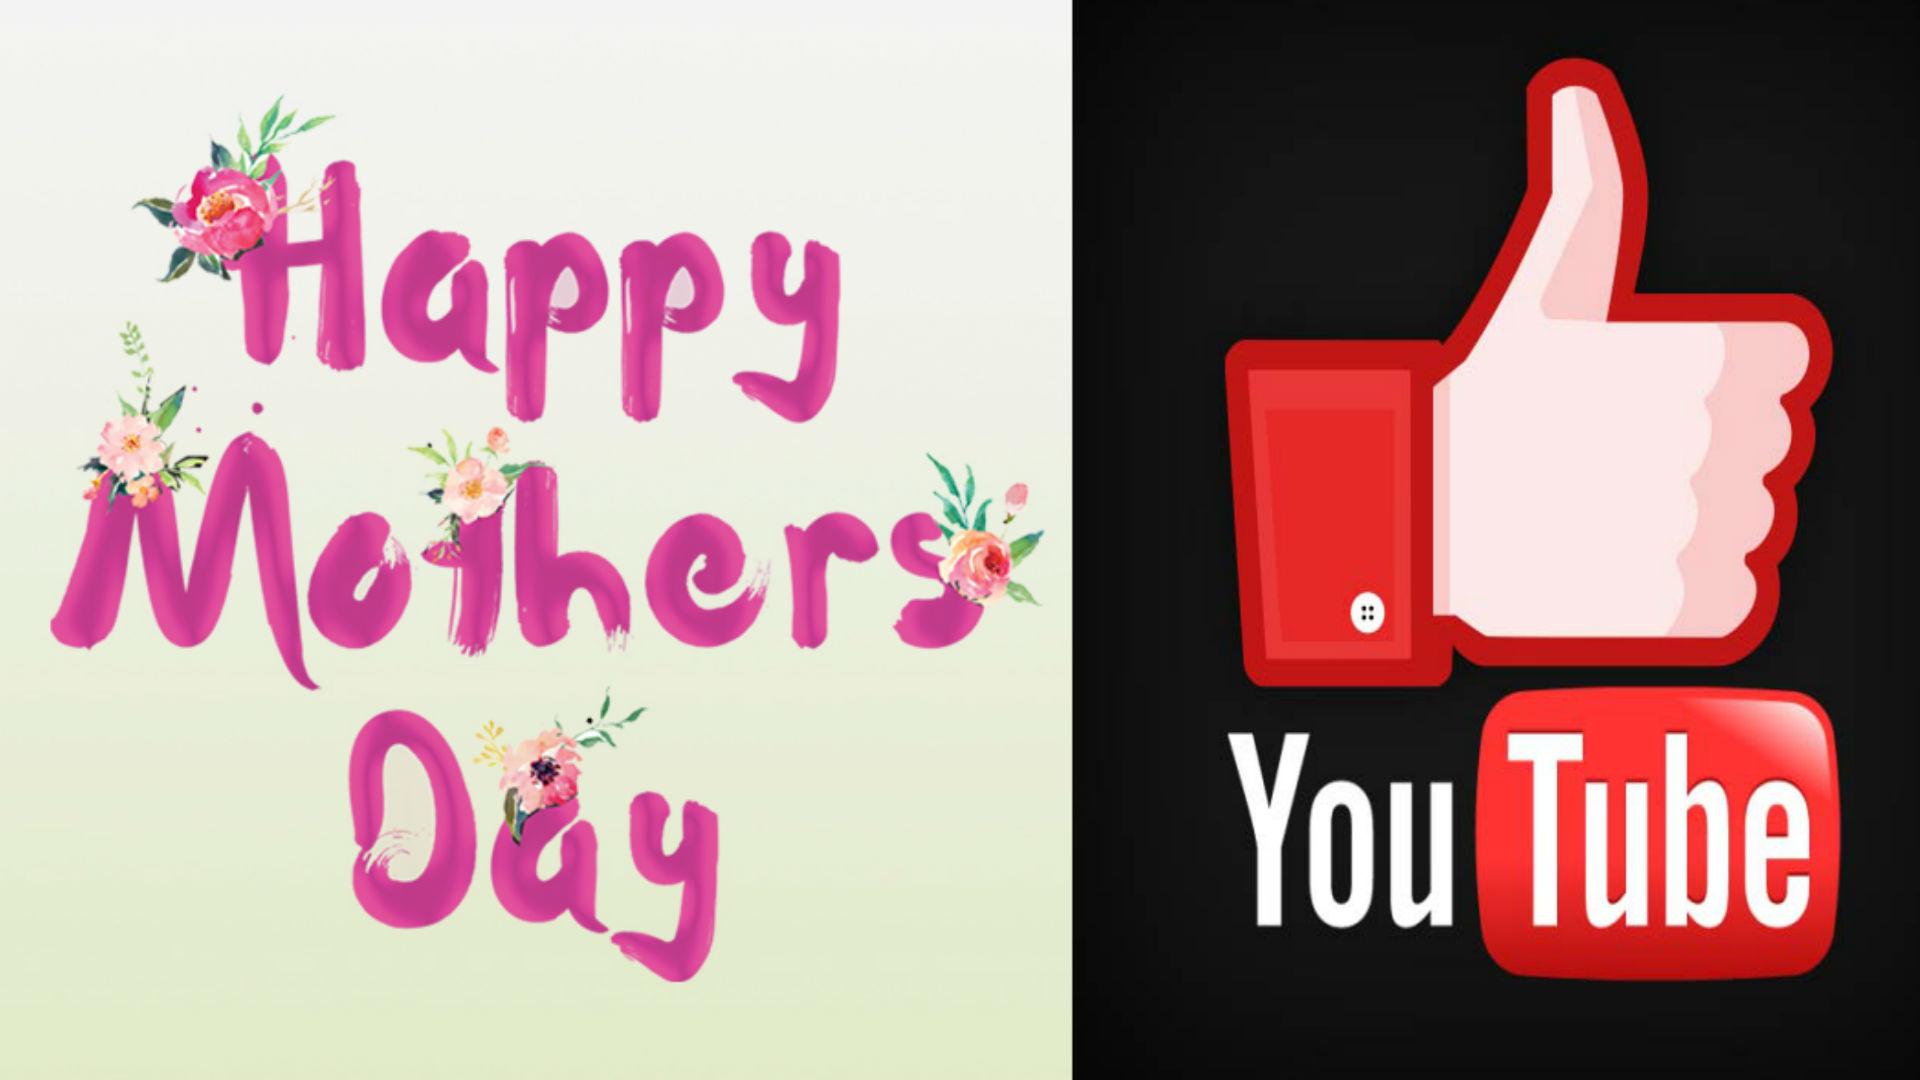 Happy Mother's Day 2019: ये हैं यूट्यूब की सुपरमॉम, जिन्होंने महिलाओं को सिखाया कैसे बनाएं परफेक्ट लाइफ बैलेंस